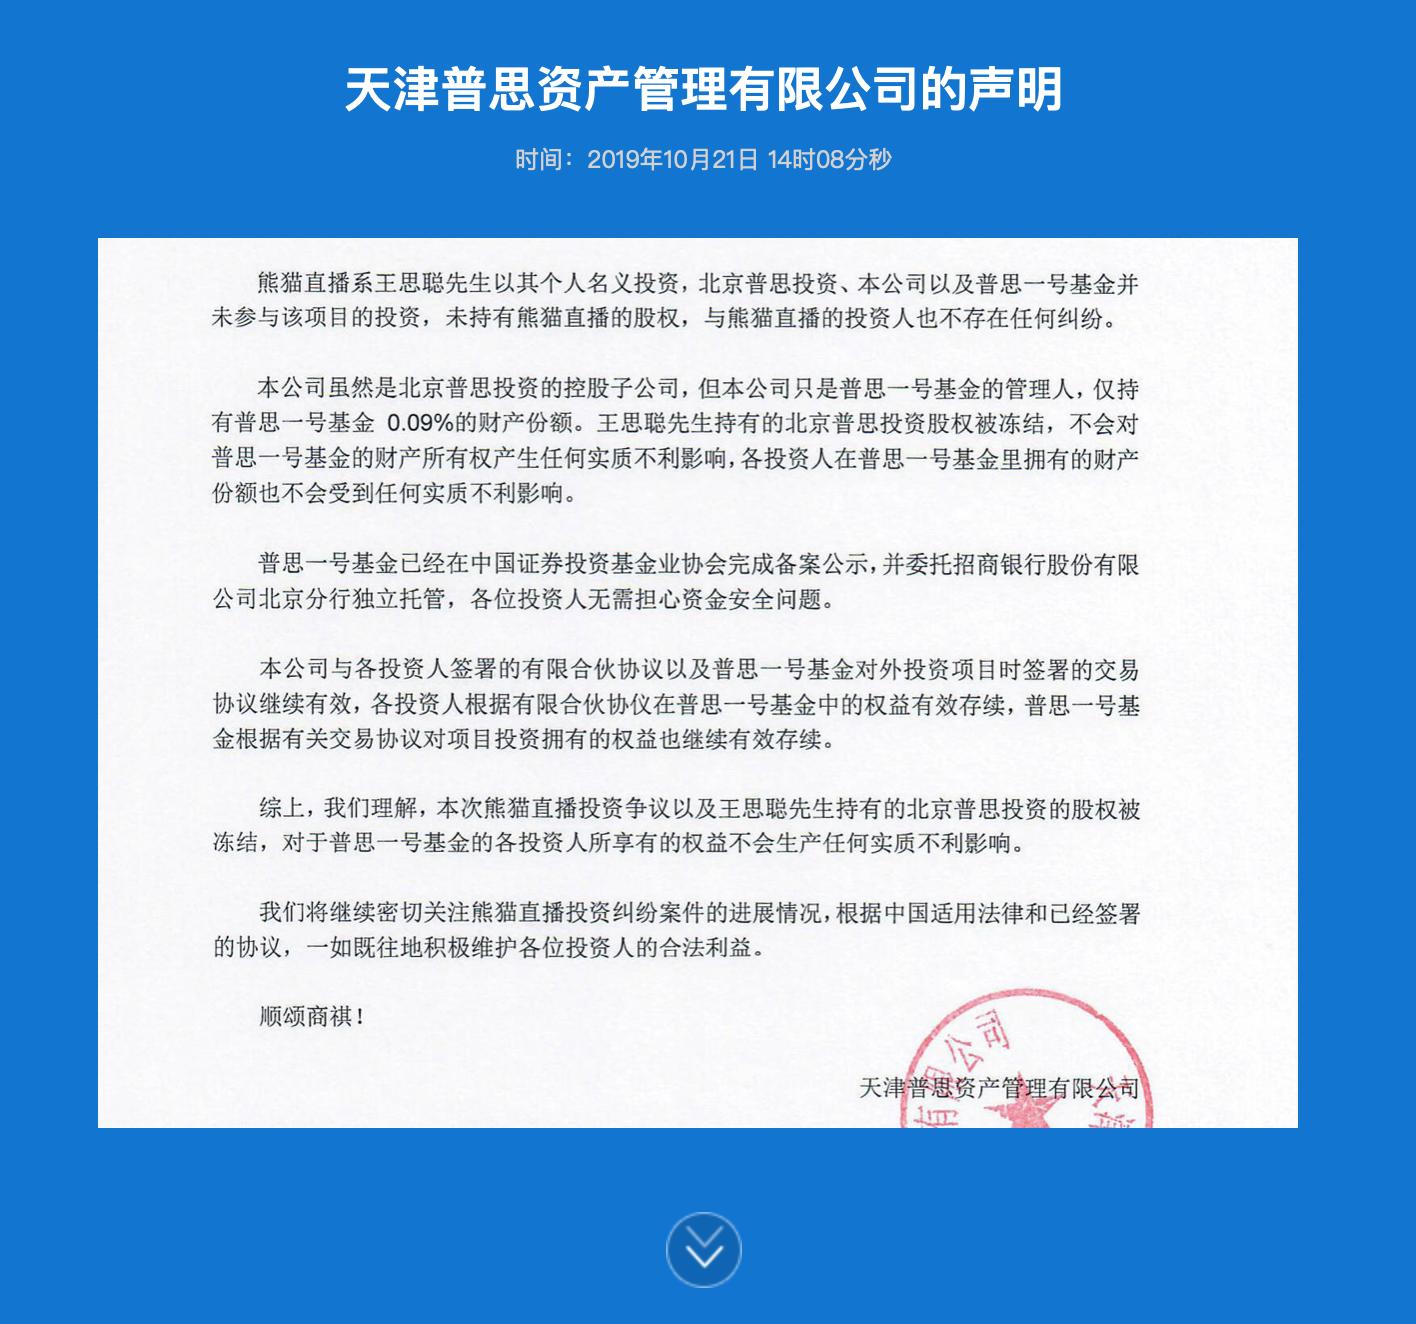 abc彩票投注·中山政协委员与市长座谈,市长危伟汉:环湾布局效应已显现